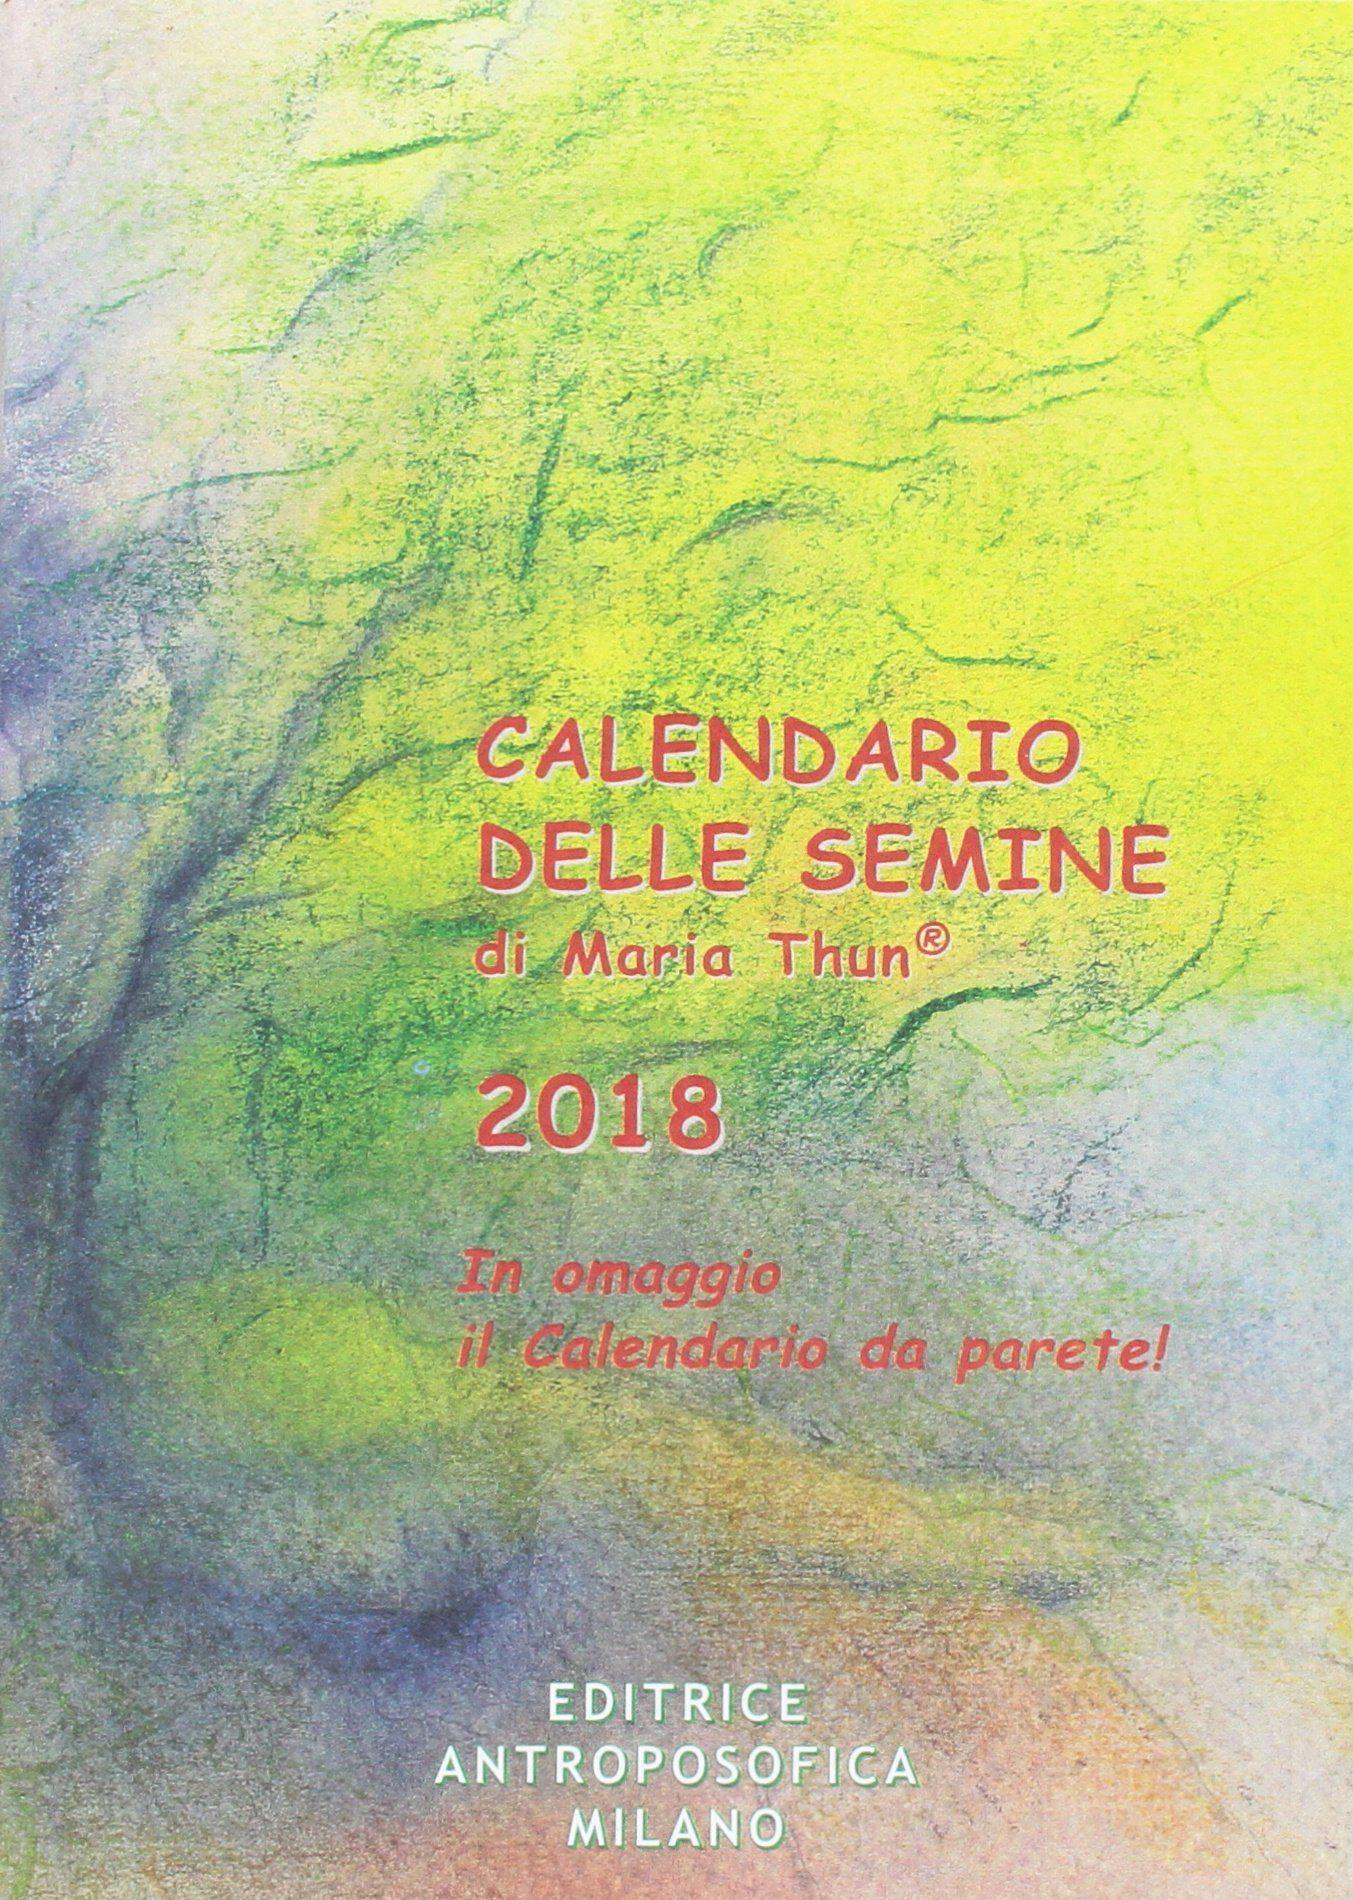 Calendario Delle Semine Pdf.Calendario Delle Semine 2018 Con Poster Calendario Semine